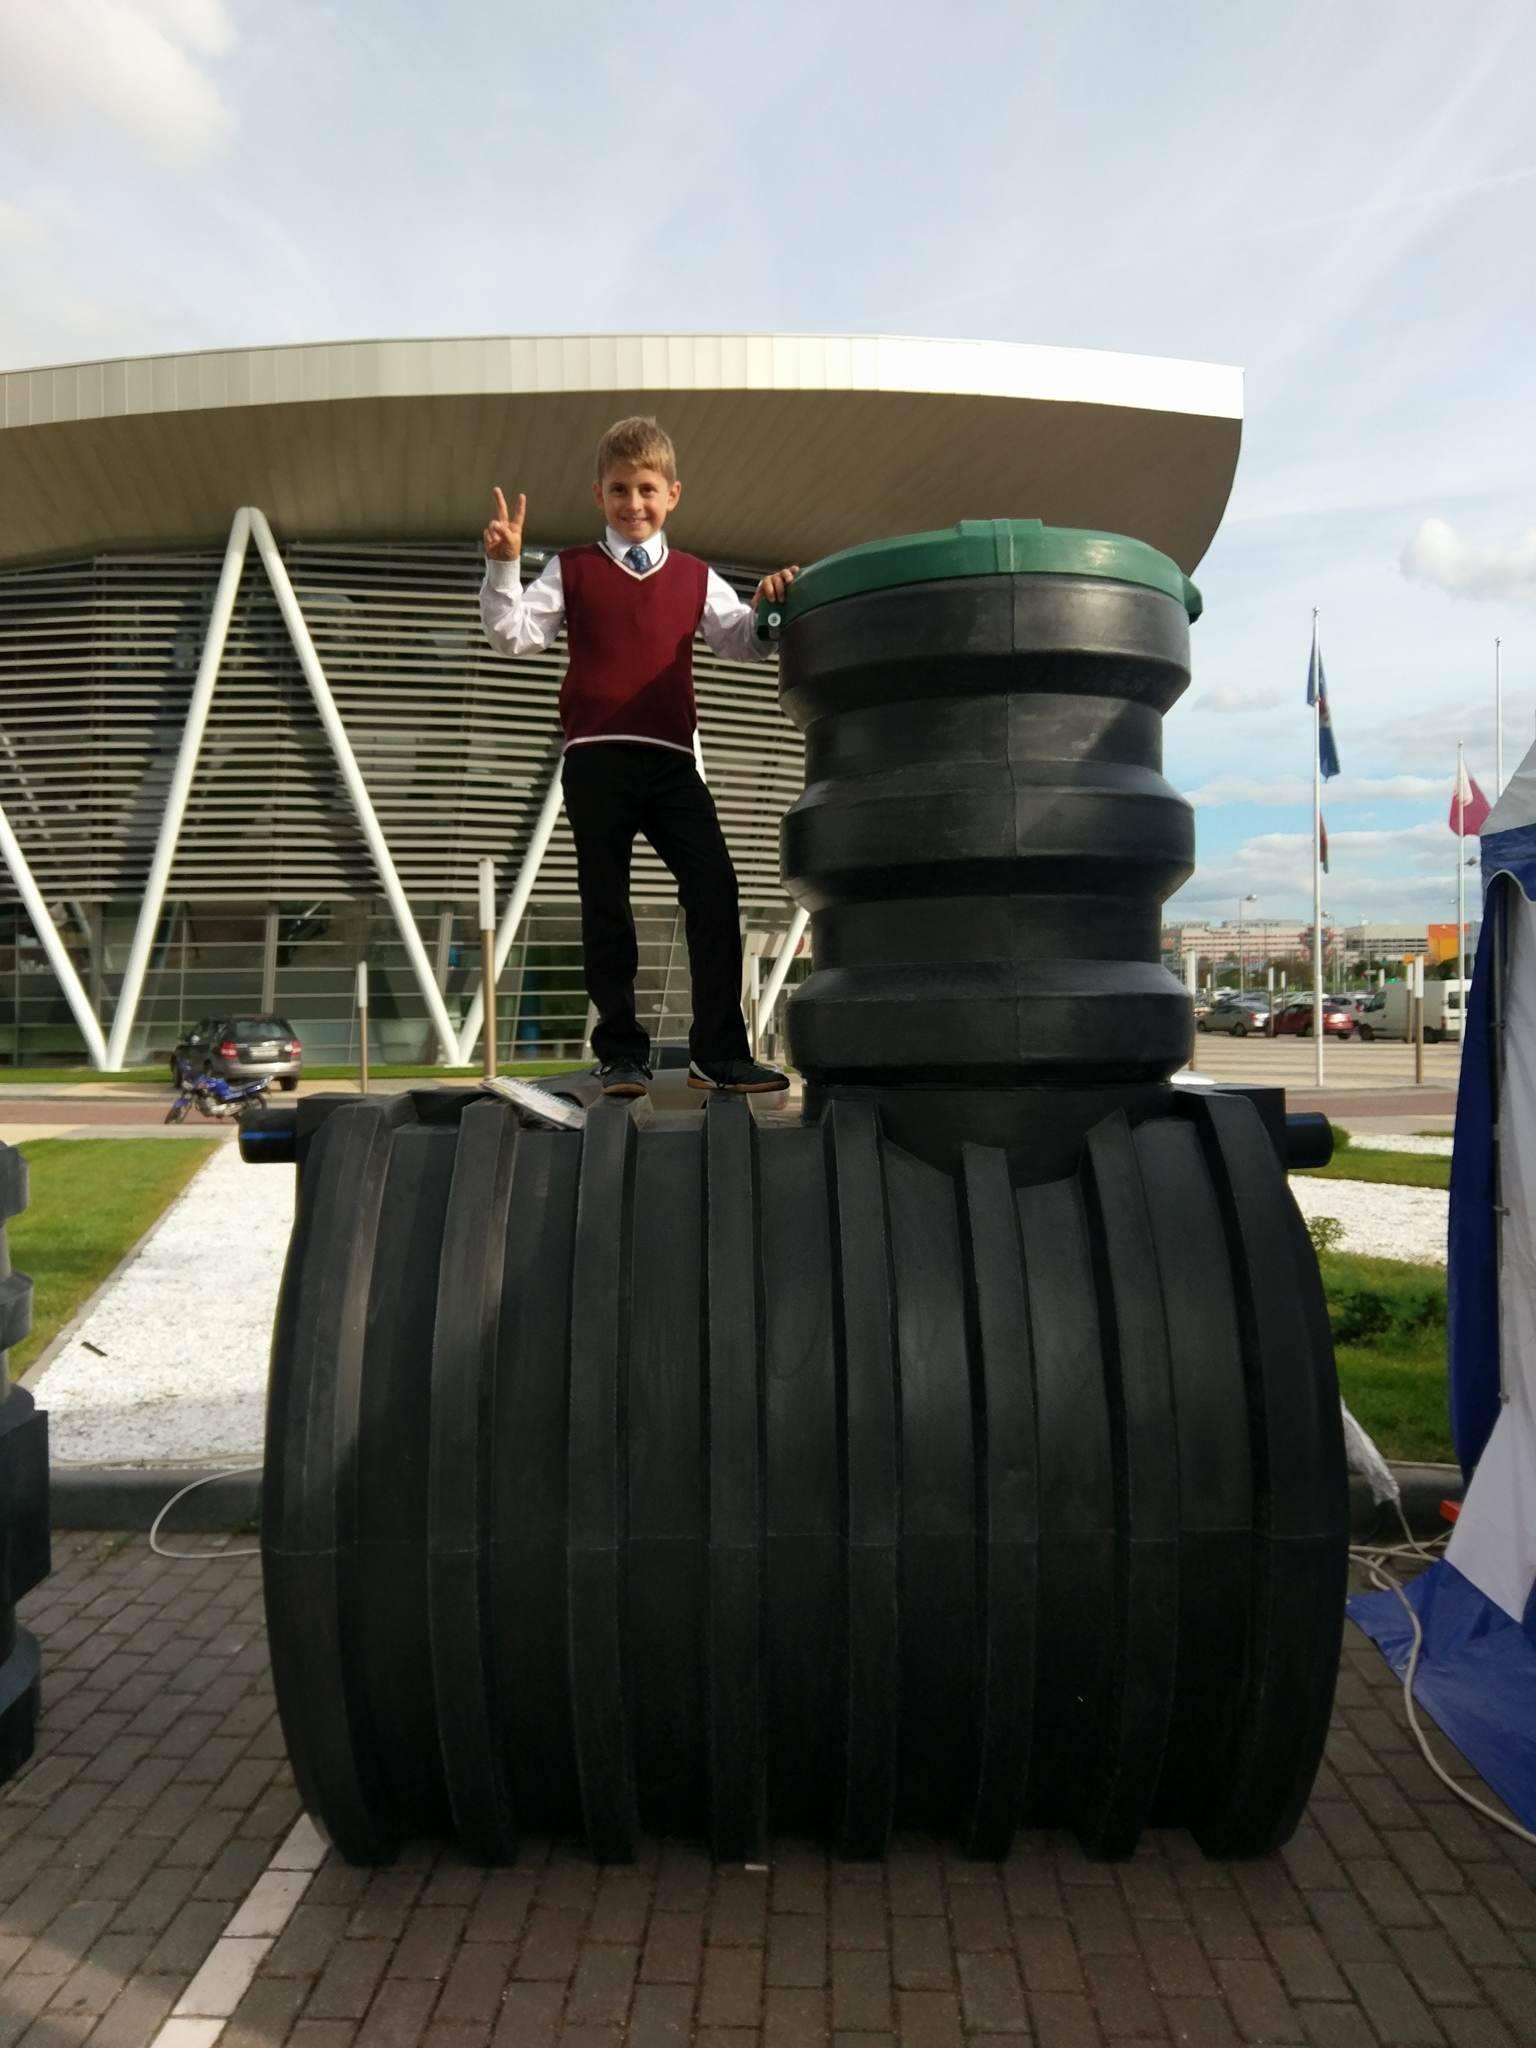 Септик для загородного дома автономной канализации на выставке в Минске - на септике стоит мальчик - сын директора завода. Септик под весом мальчика не прогнулся ни на миллиметр